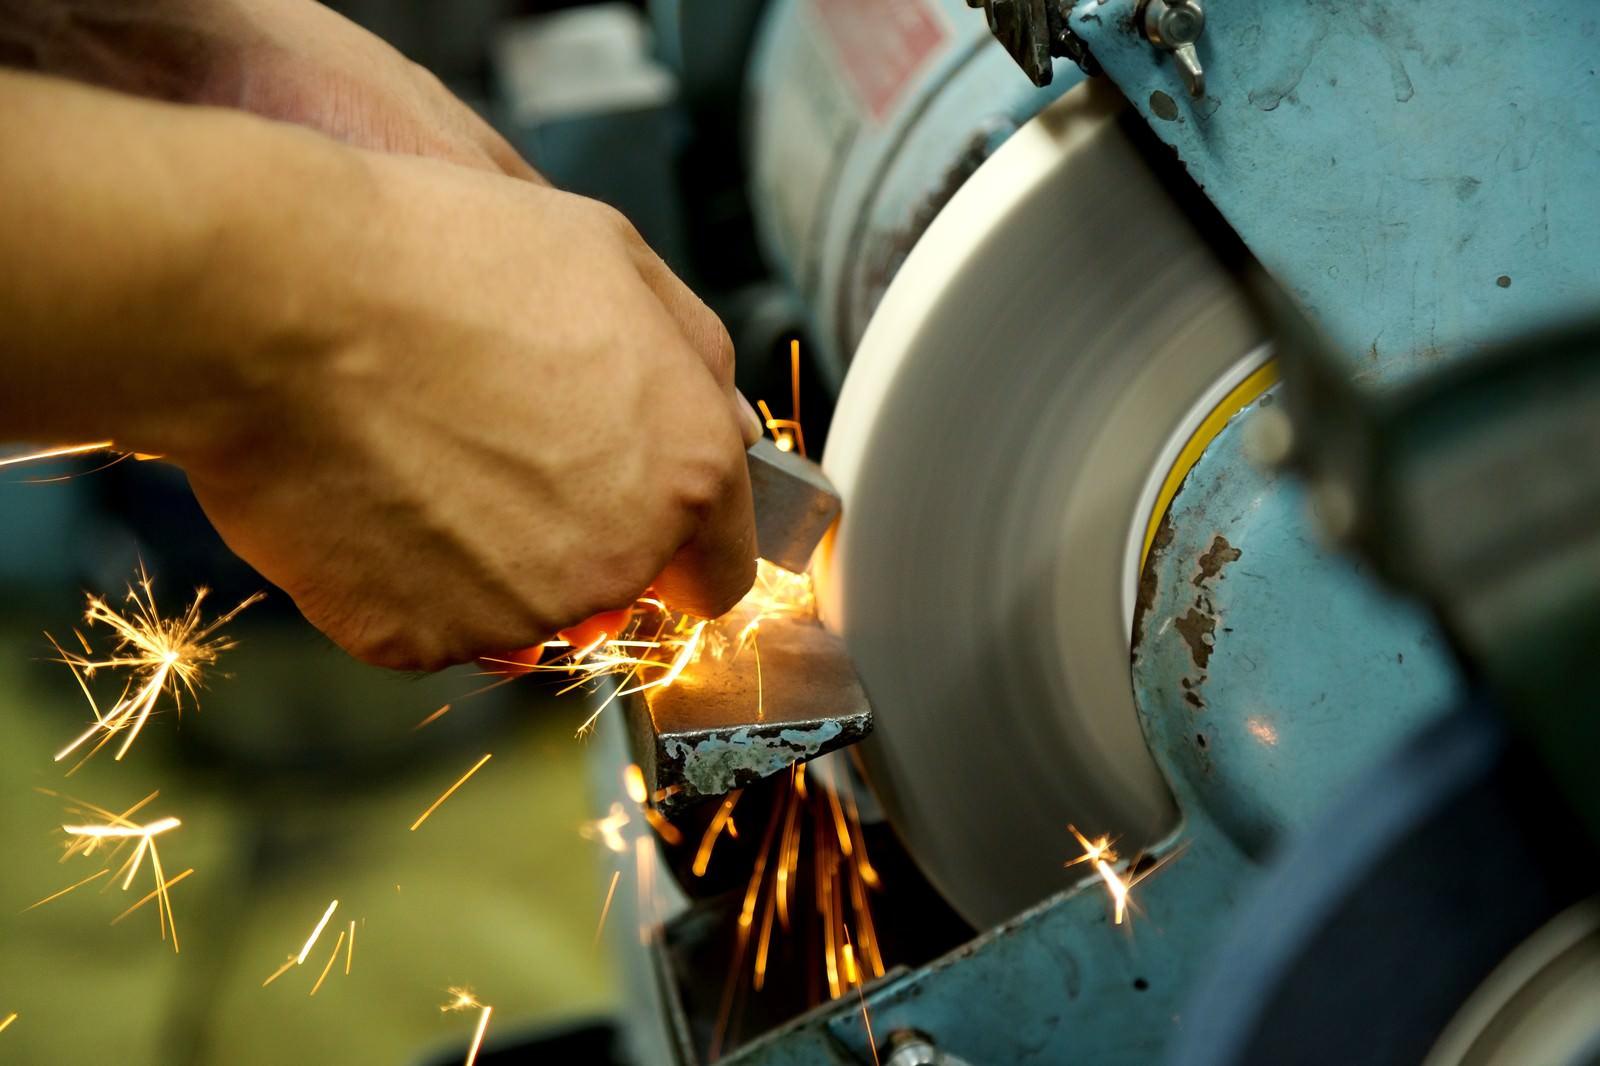 「グラインダーを使う職人の手と火花が散る様子グラインダーを使う職人の手と火花が散る様子」のフリー写真素材を拡大